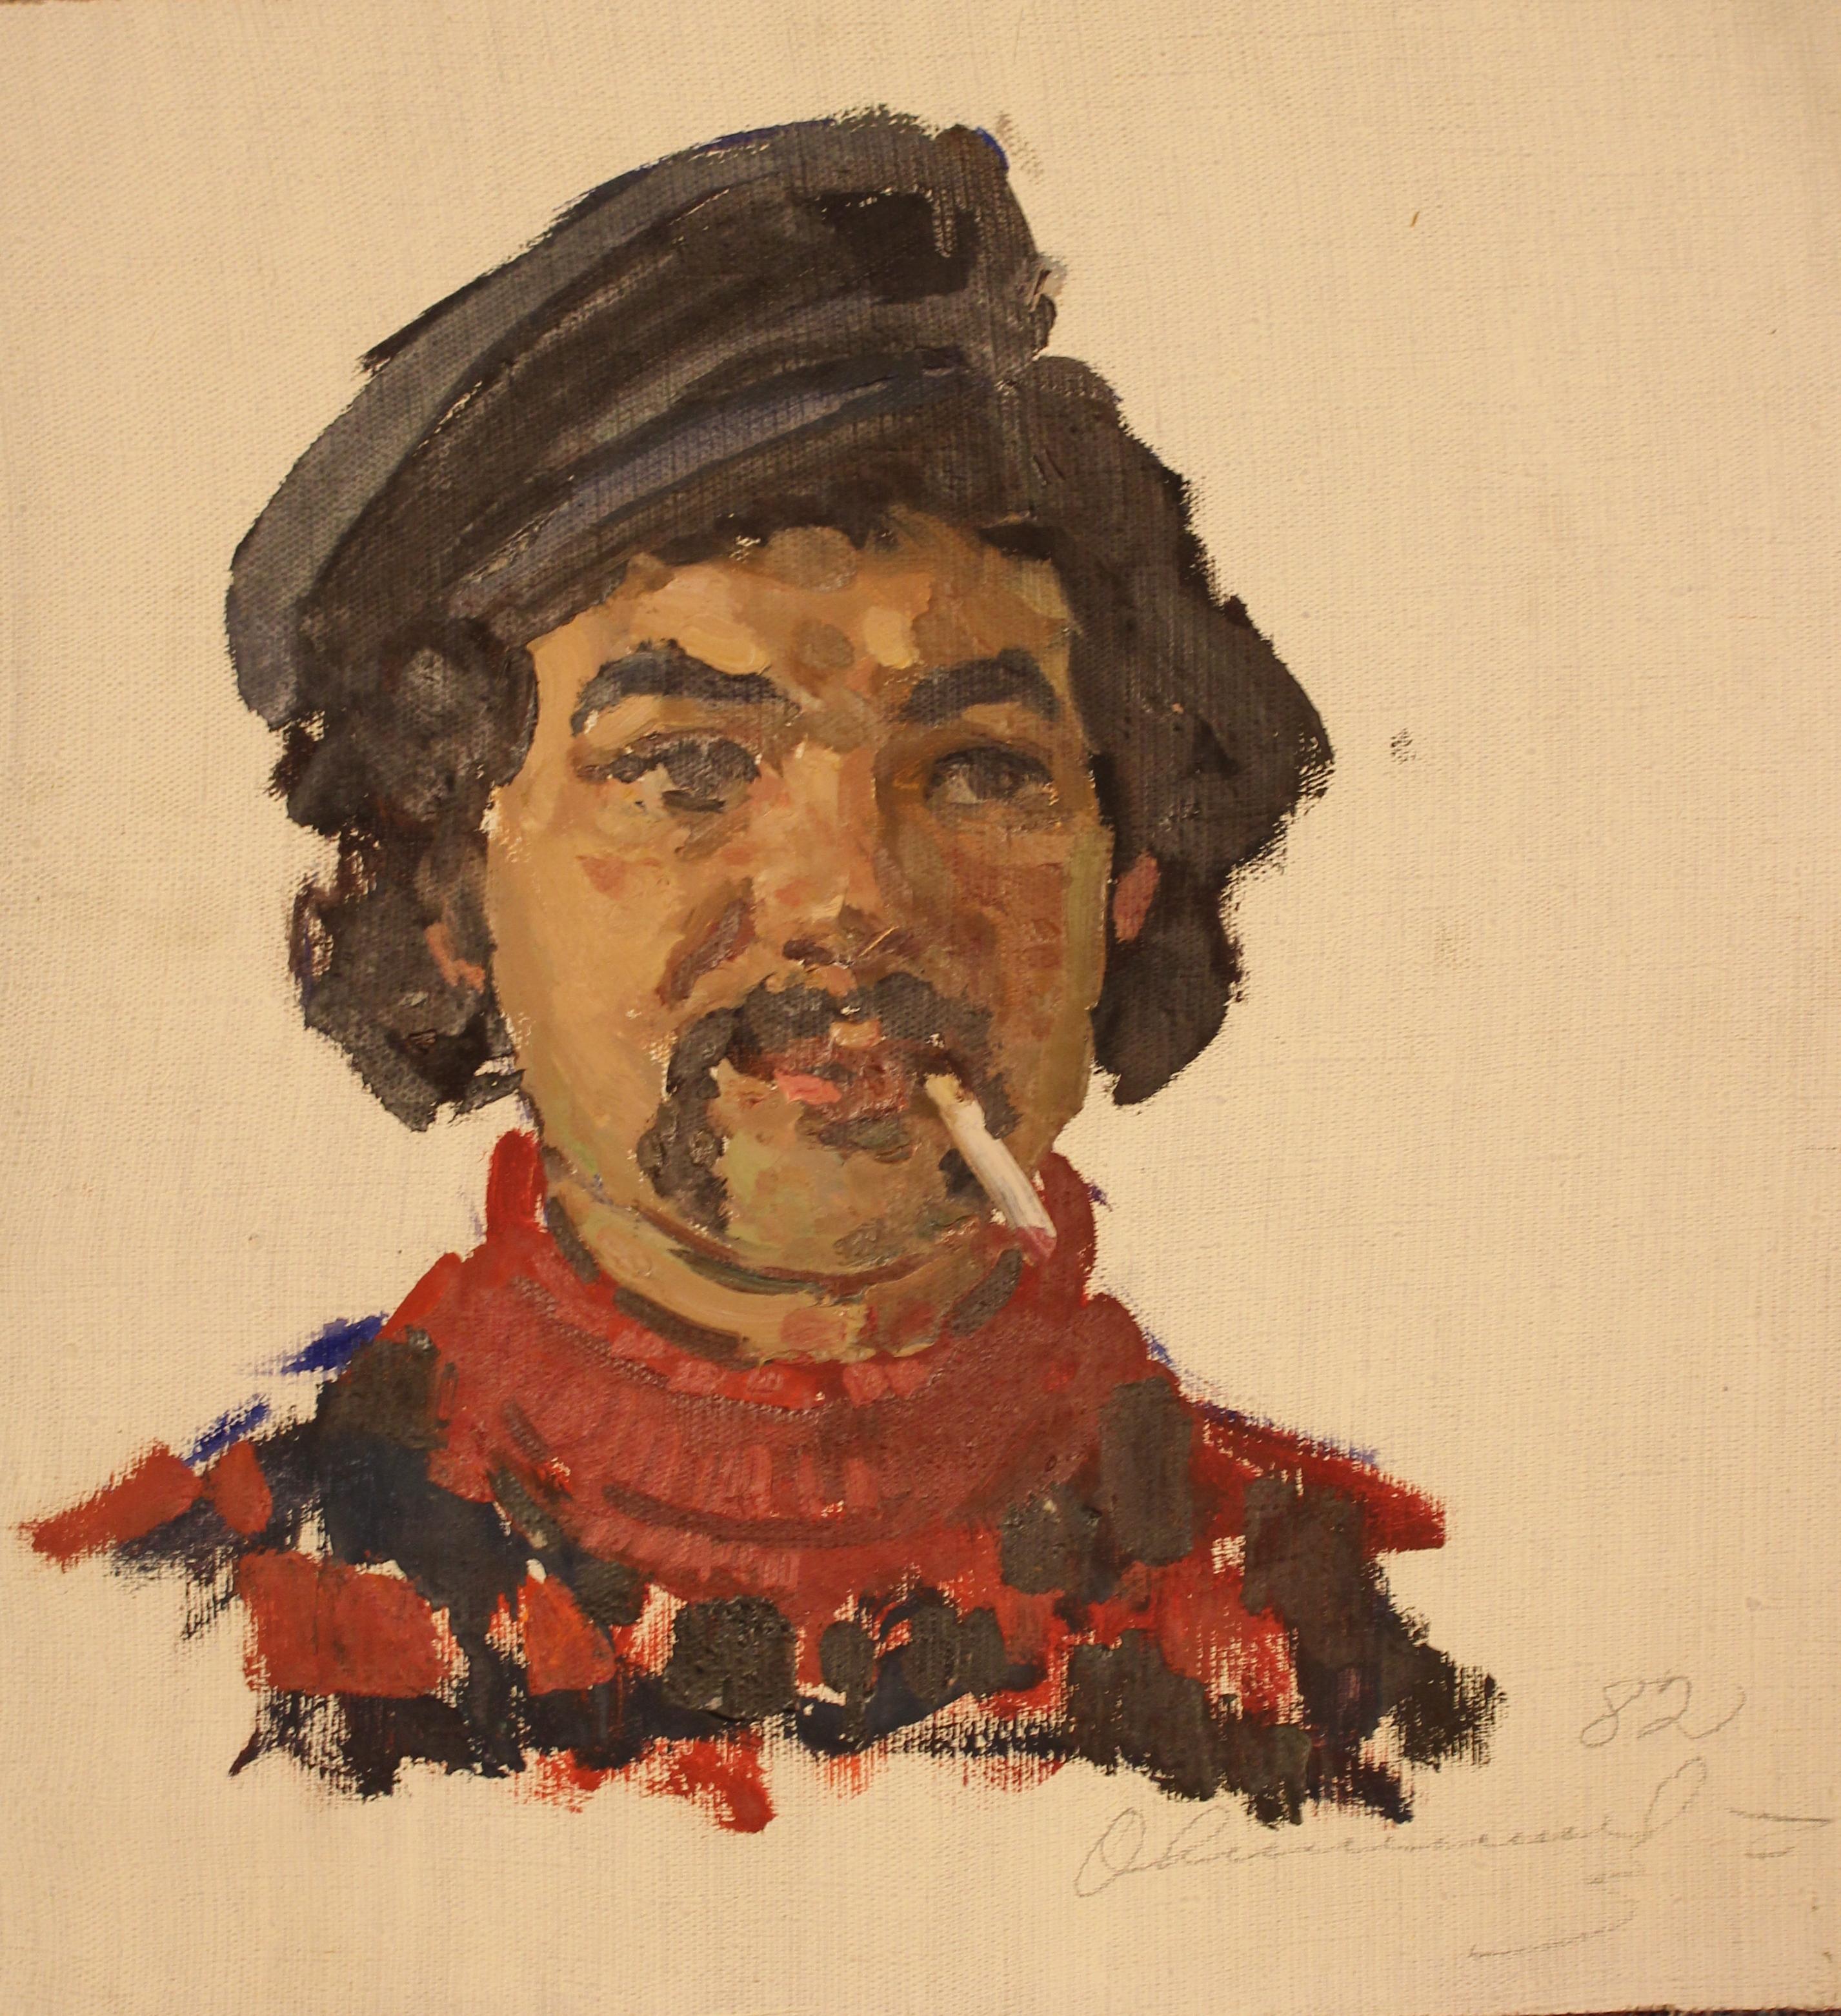 Портрет мужчины с усами и сигаретой